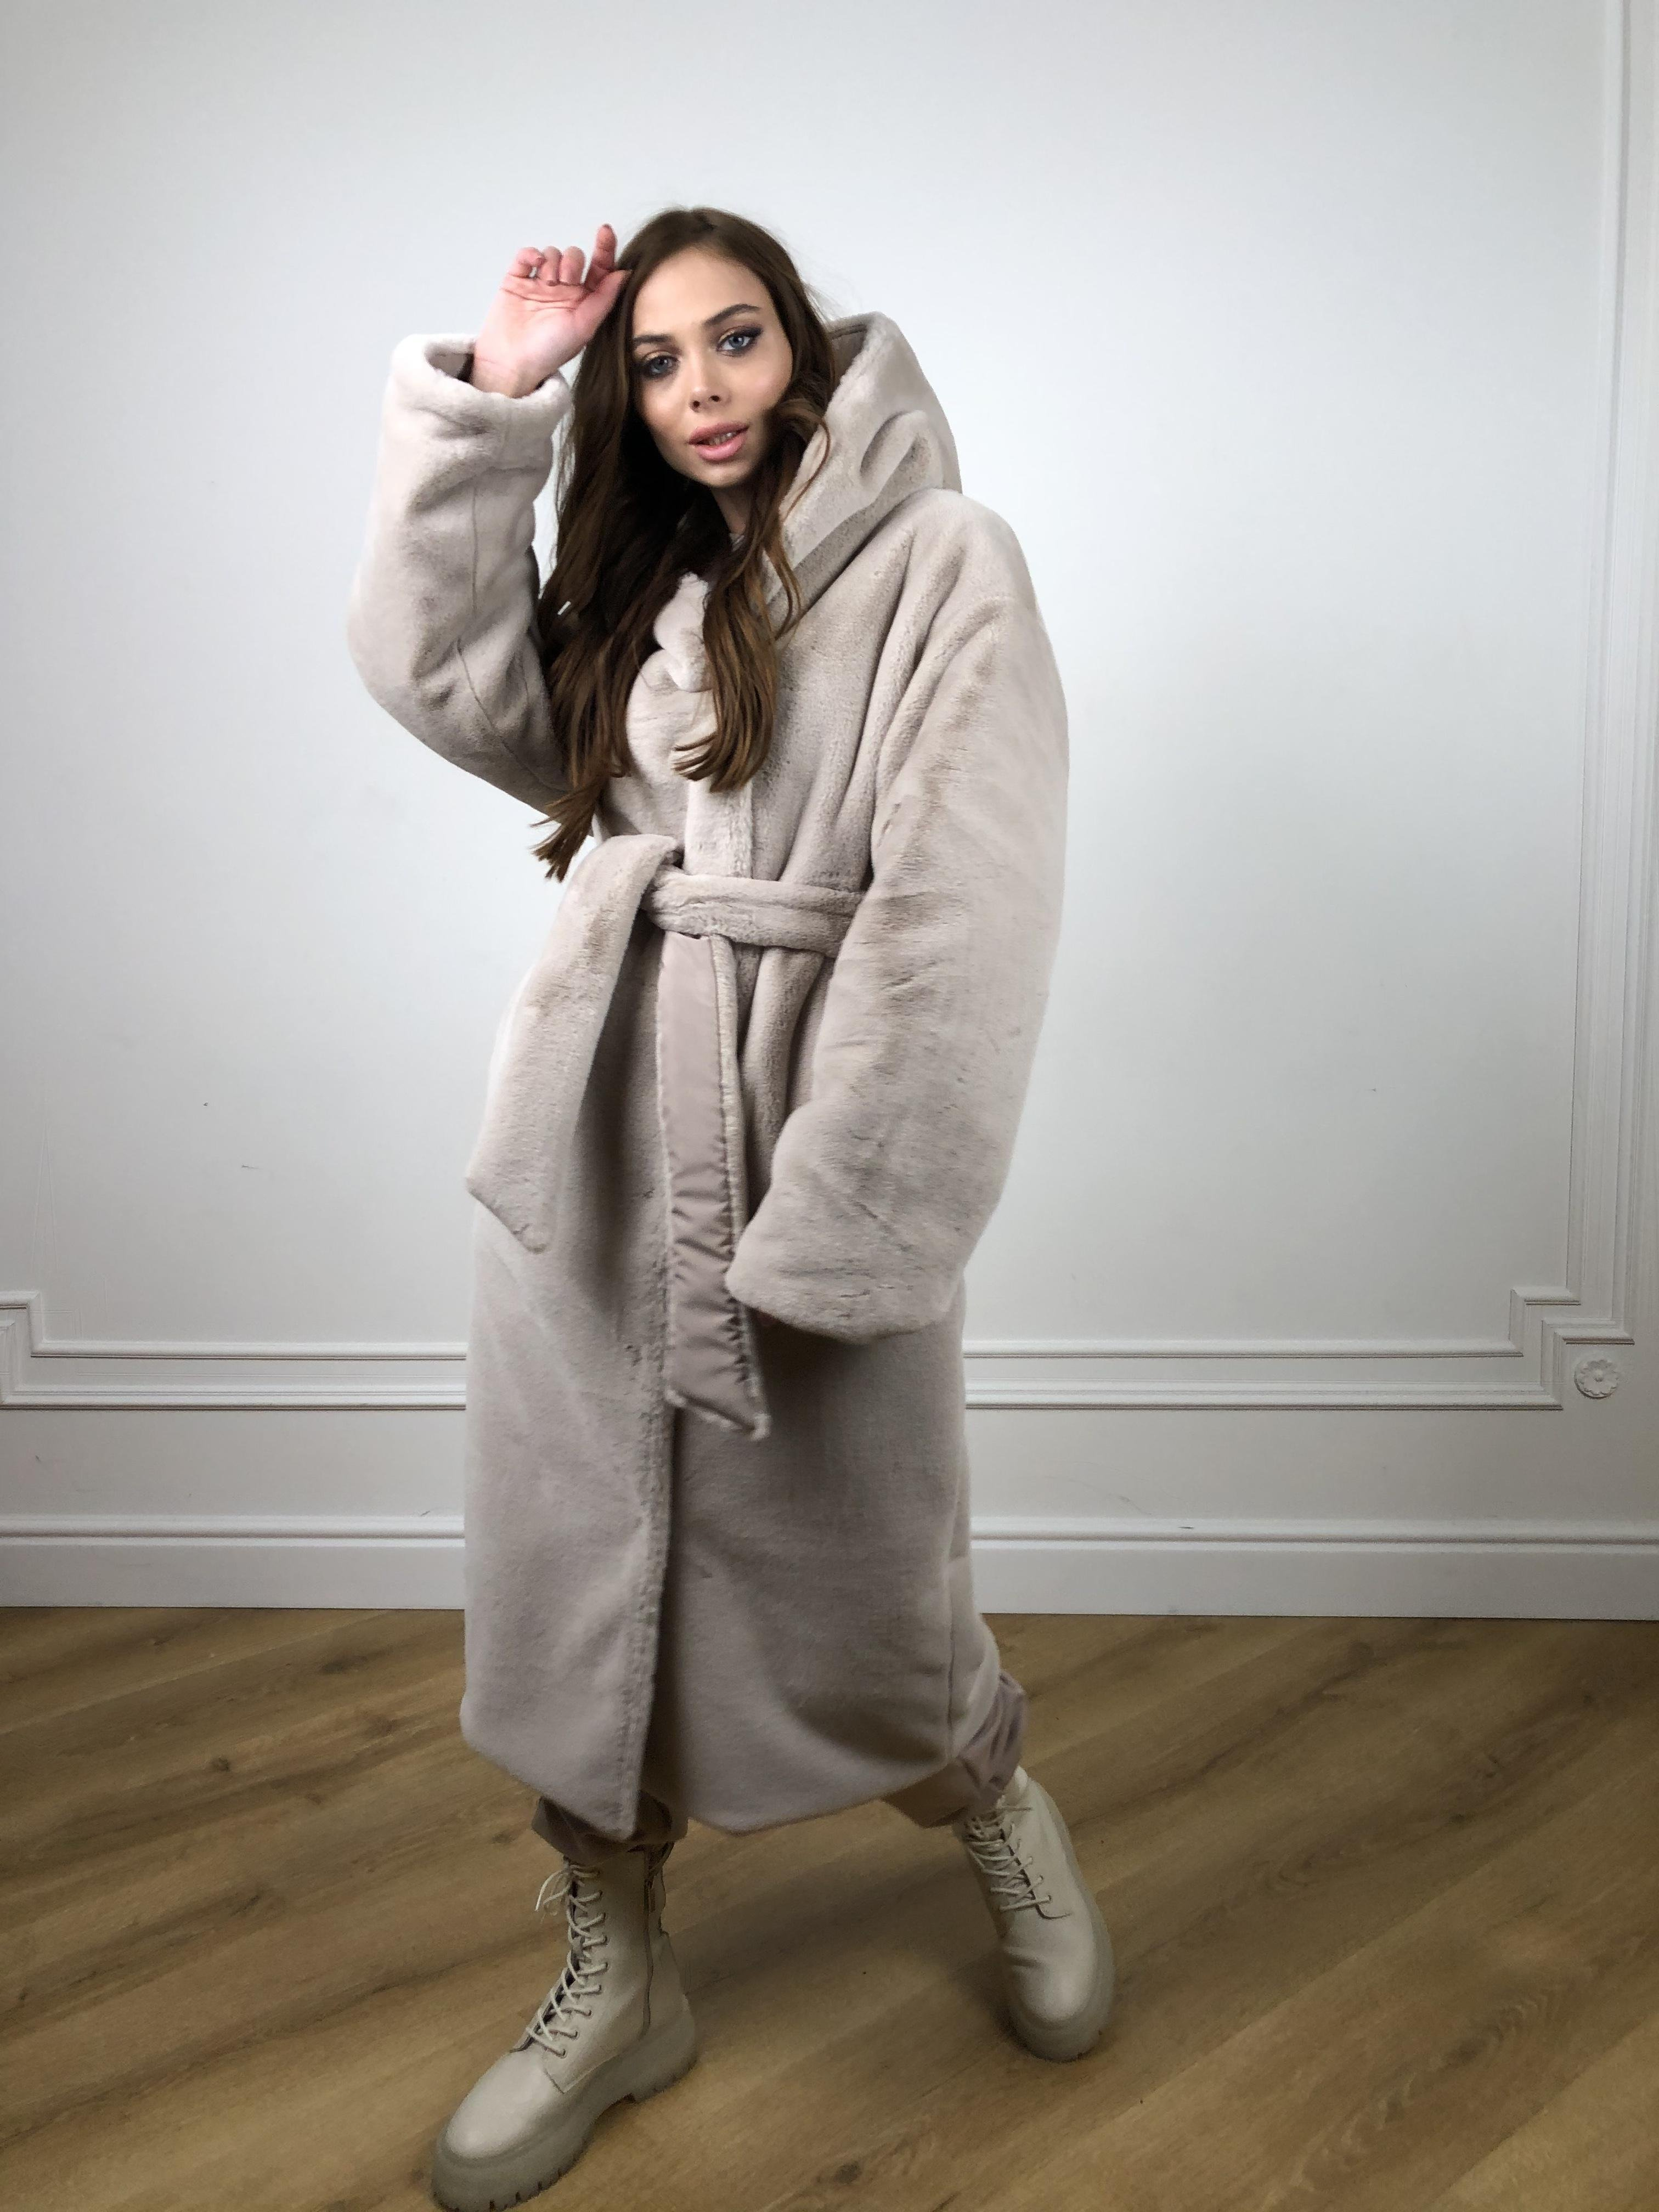 Сноу мех искуственный кролик   плащевка Канада зима пальто 10346 АРТ. 46646 Цвет: Св.серый/Кофе - фото 7, интернет магазин tm-modus.ru